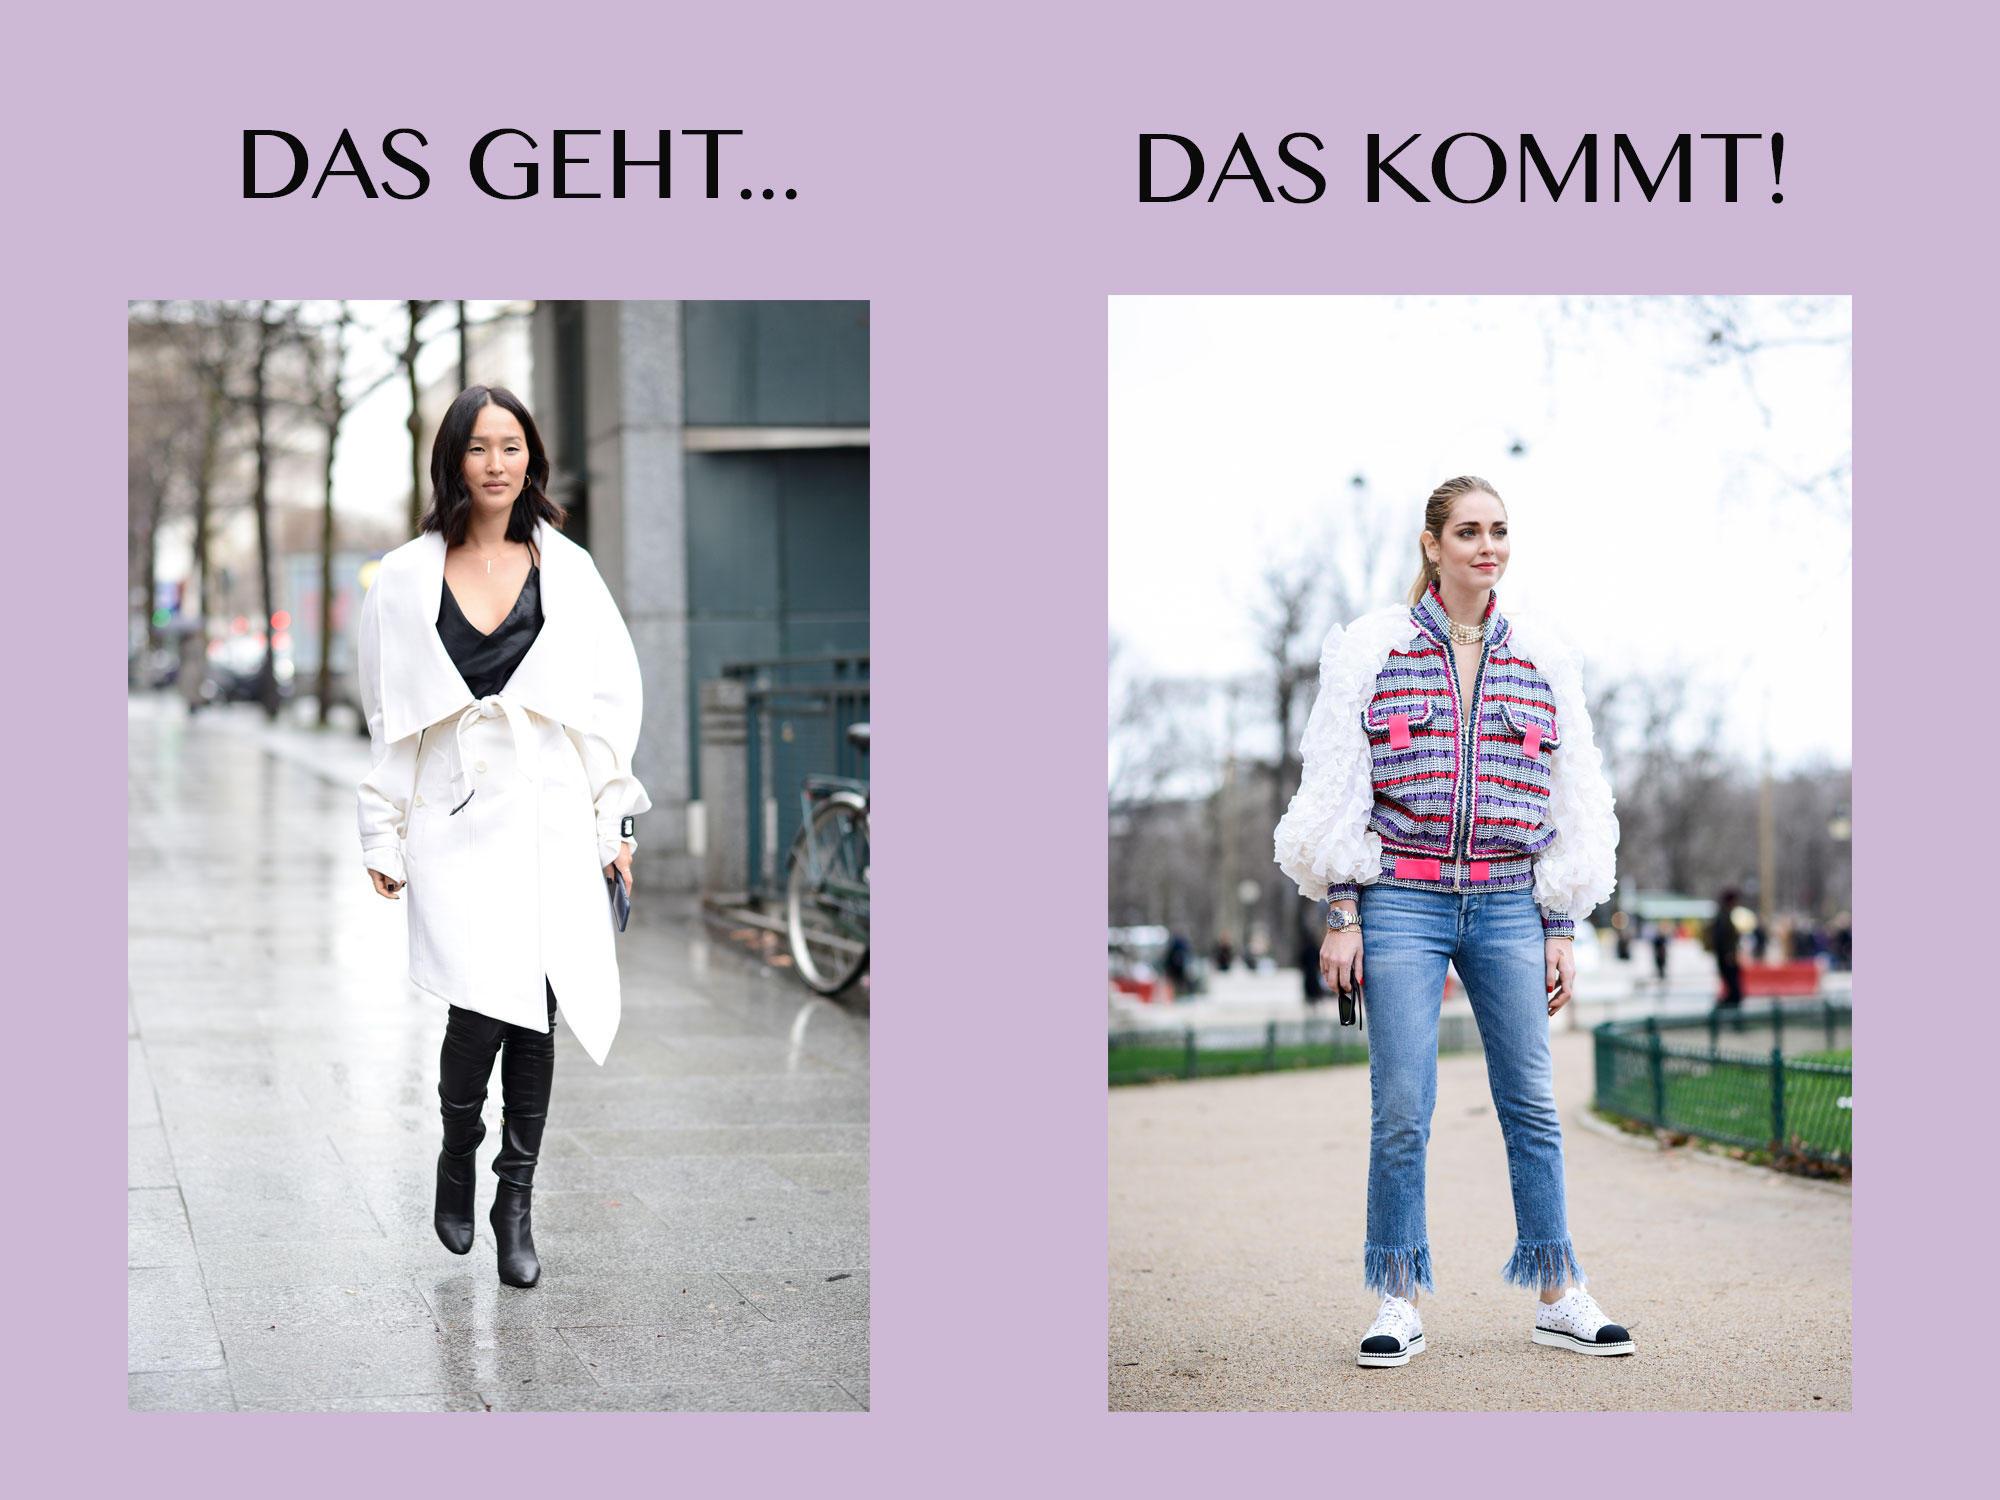 Bloggerin trägt schlichtes Outfit links und rechts eins mit einer Statement-Jacke